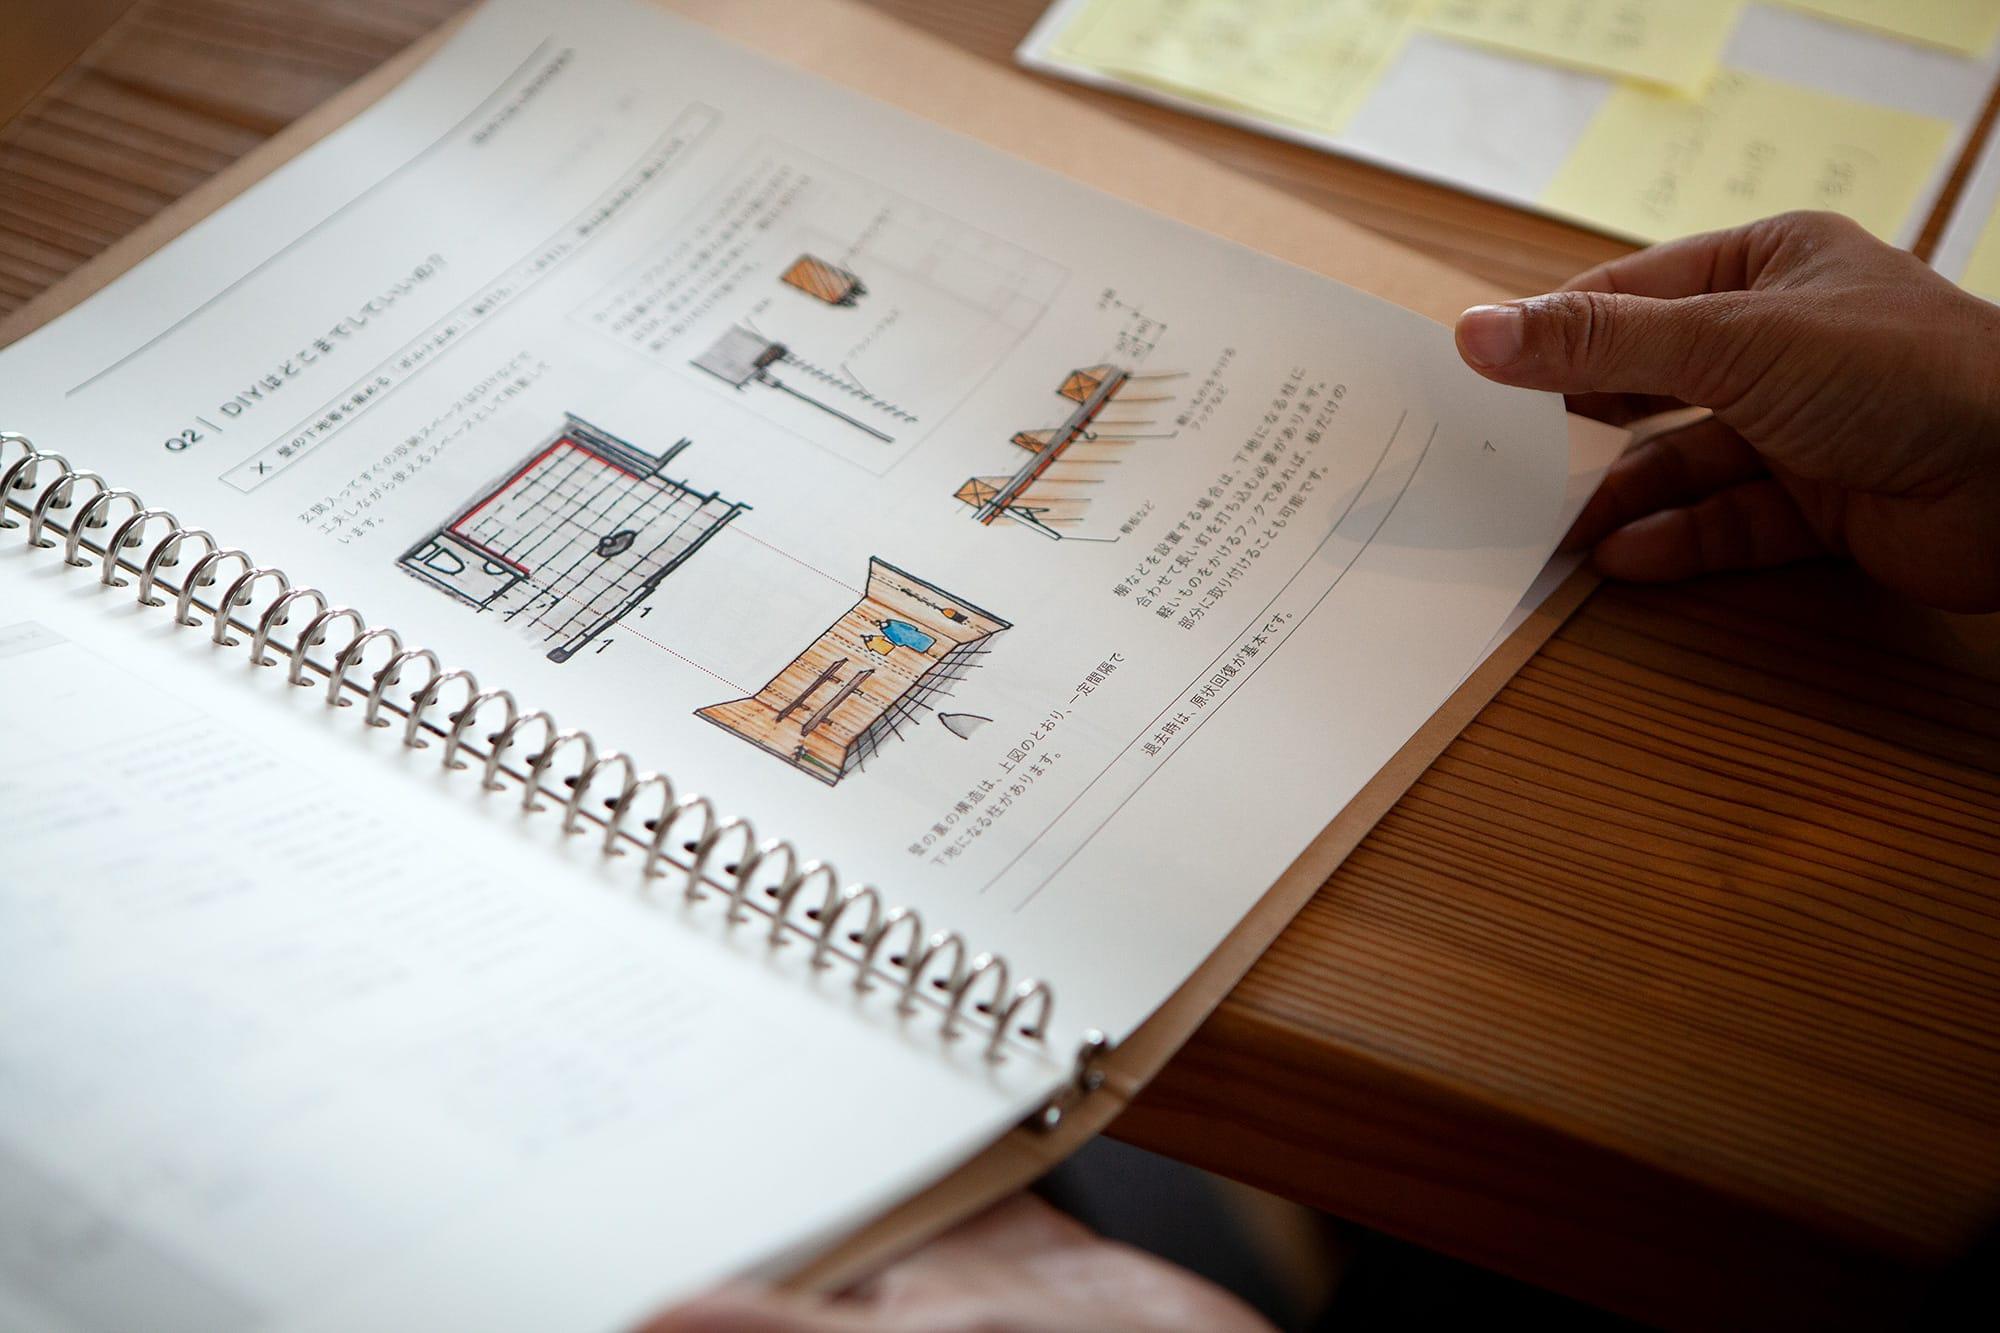 設計チームから受け取った原稿をアレンジしつつ、一戸ごとに異なる寸法を反映させてつくられたという『住みこなしブック』